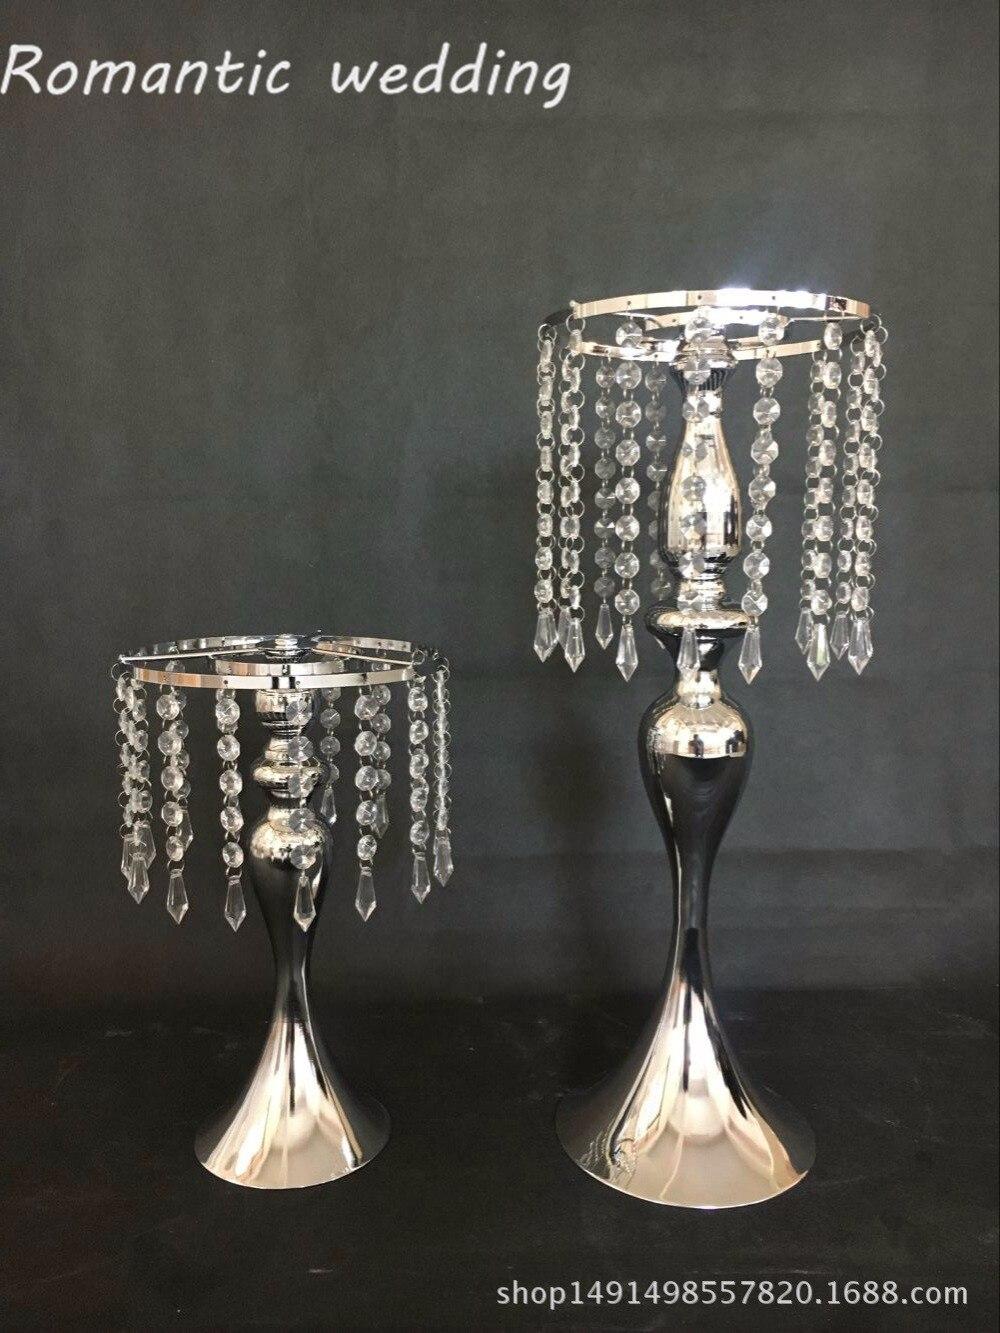 Livraison gratuite 10 PCS/lots acrylique métal or chandelier fleur stand pour décorations de mariage événement produits décorations de fête